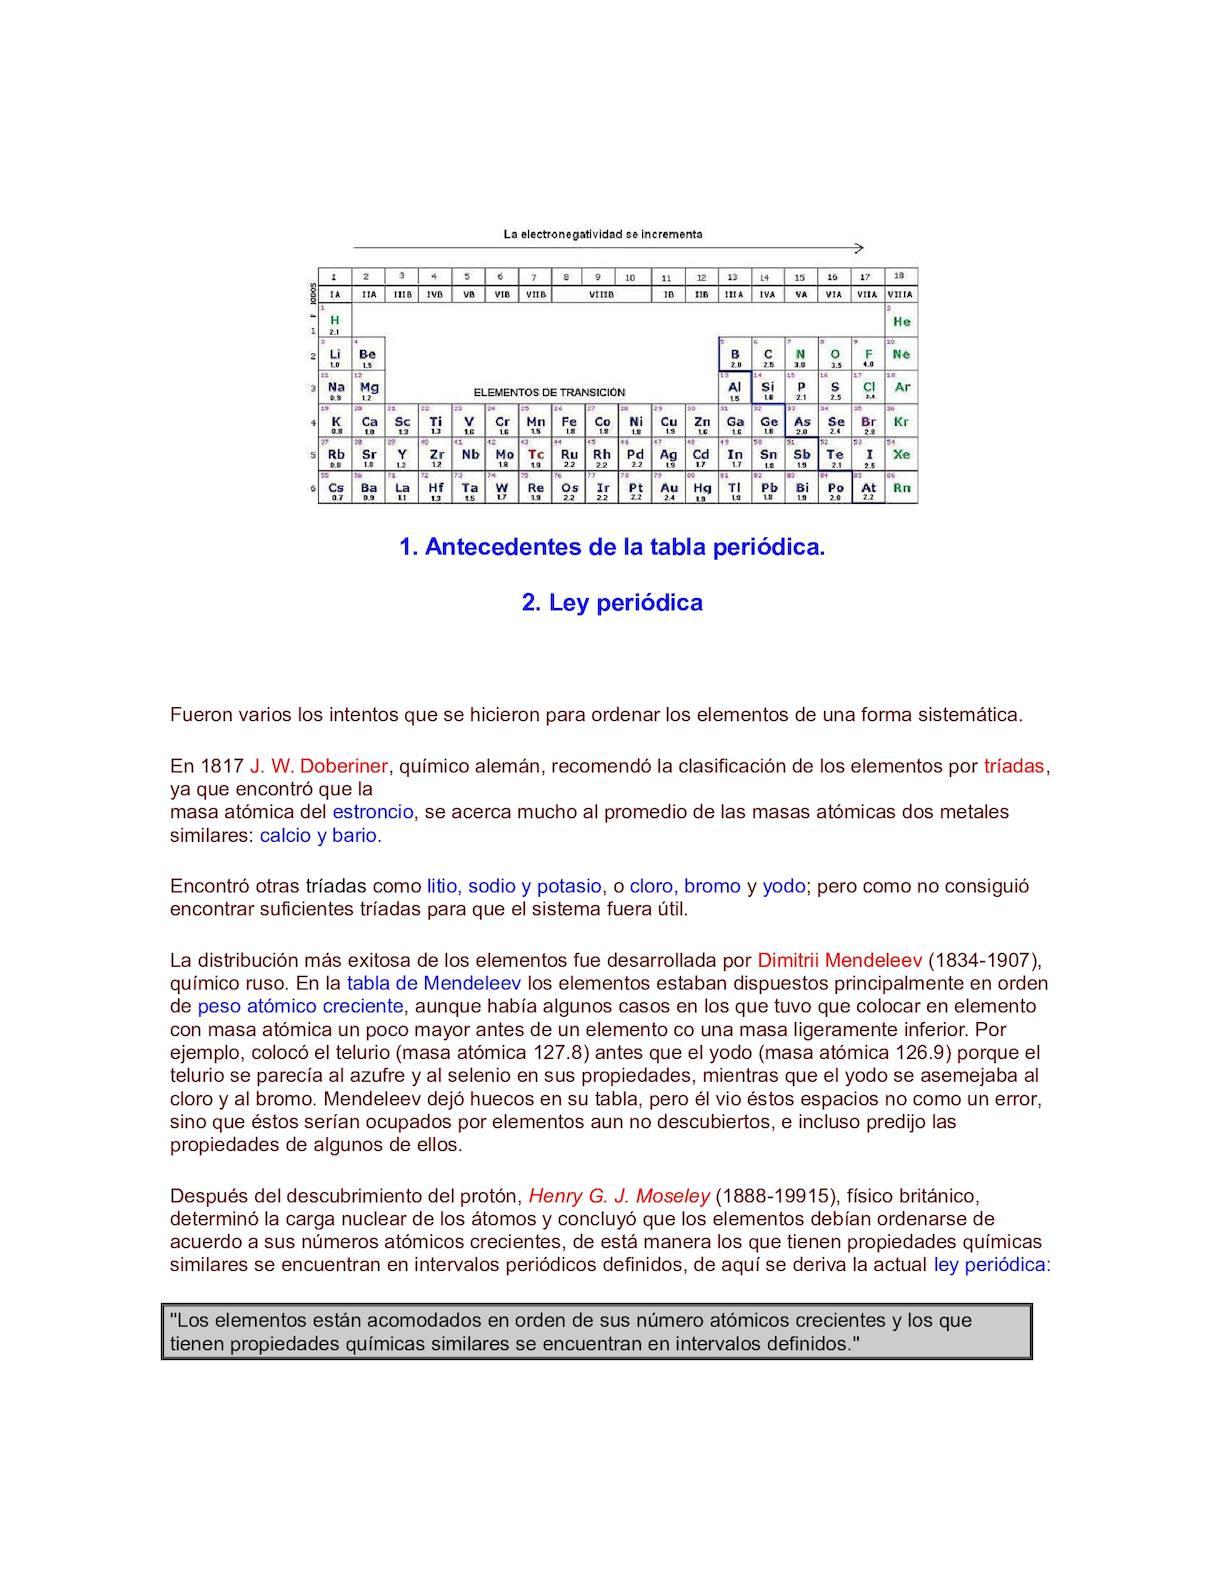 Calaméo Historia De La Tabla Periódica